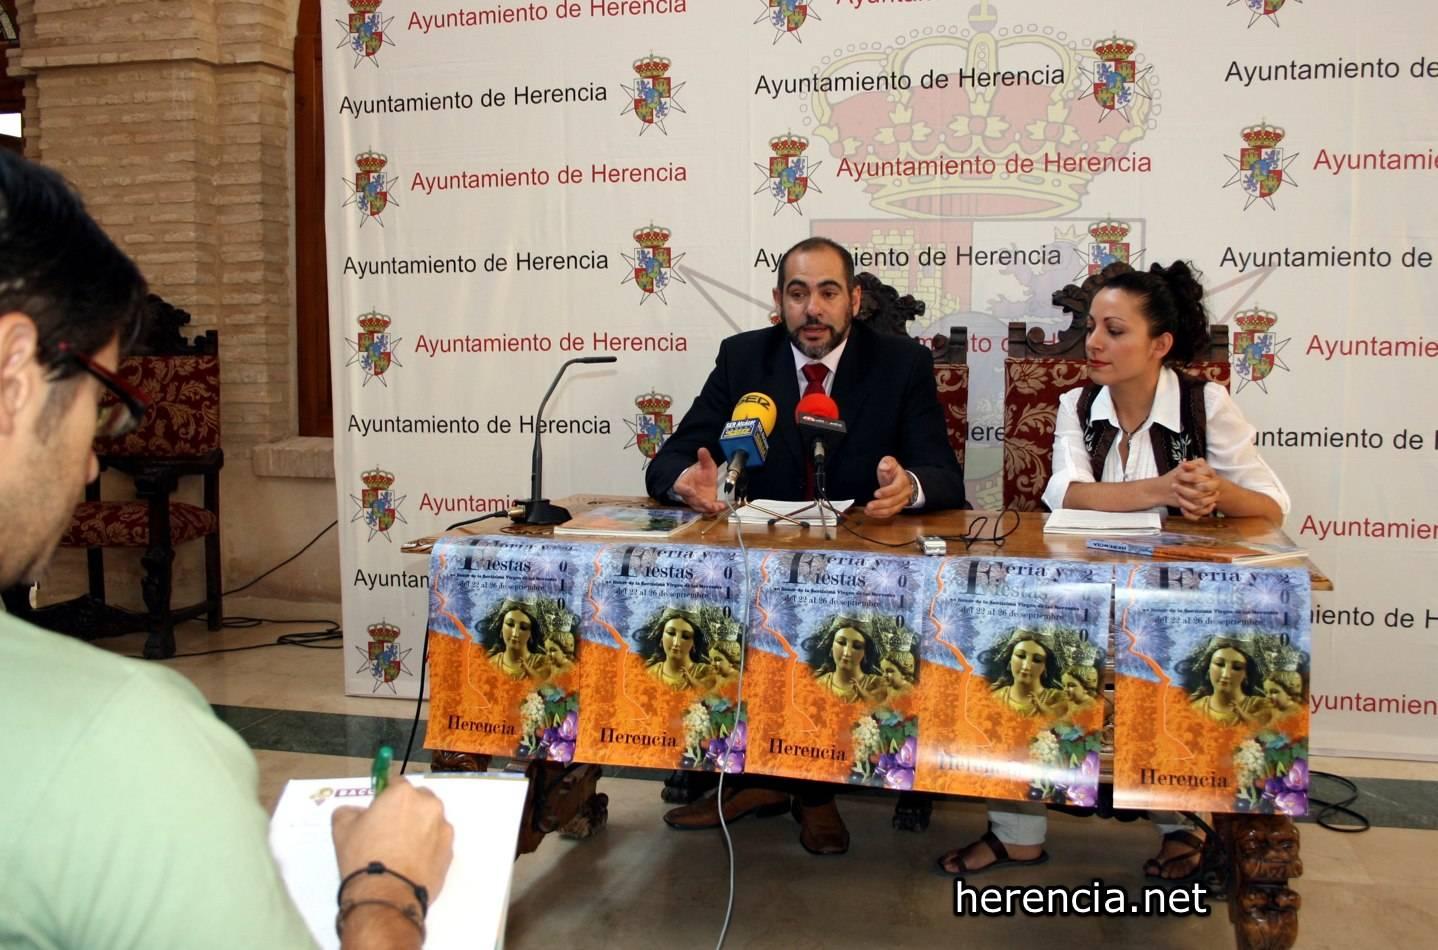 feria y fiestas de Herencia 2010 - El Ayuntamiento de Herencia apuesta fuerte por el Patrimonio y el Turismo